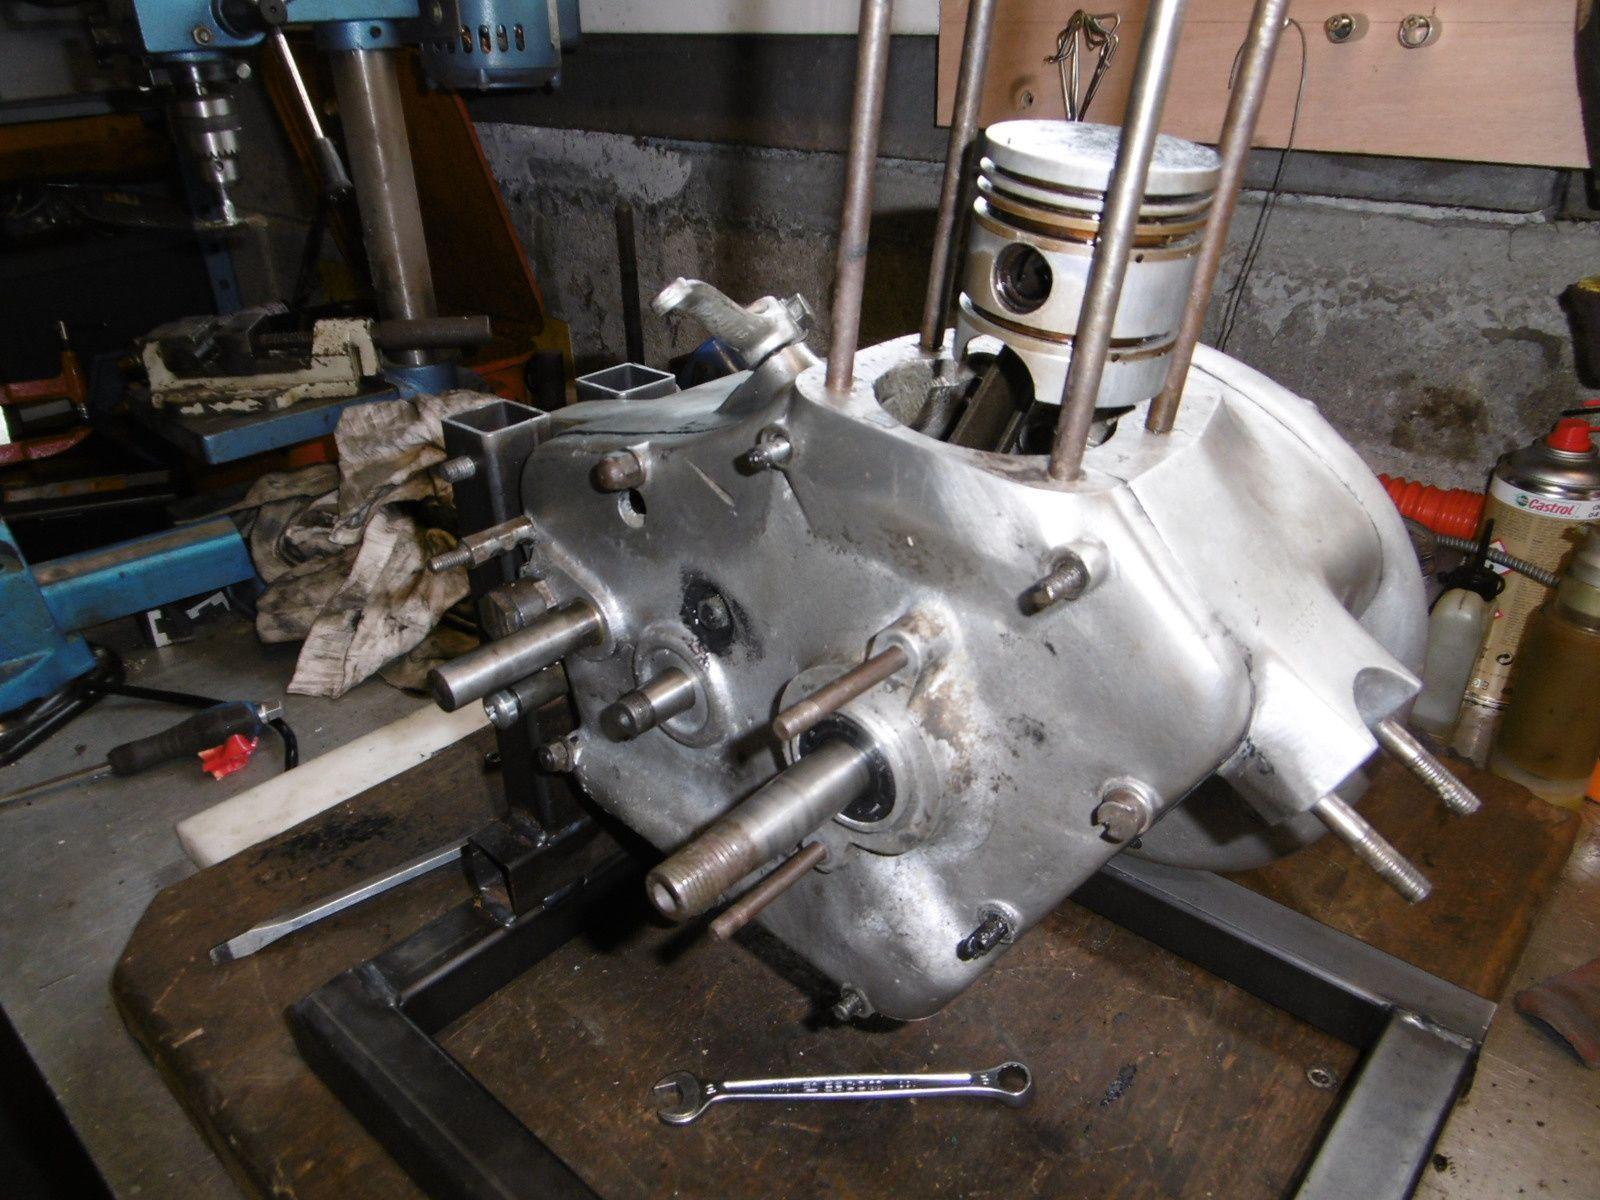 Remise en état moteur Motobécane D45s